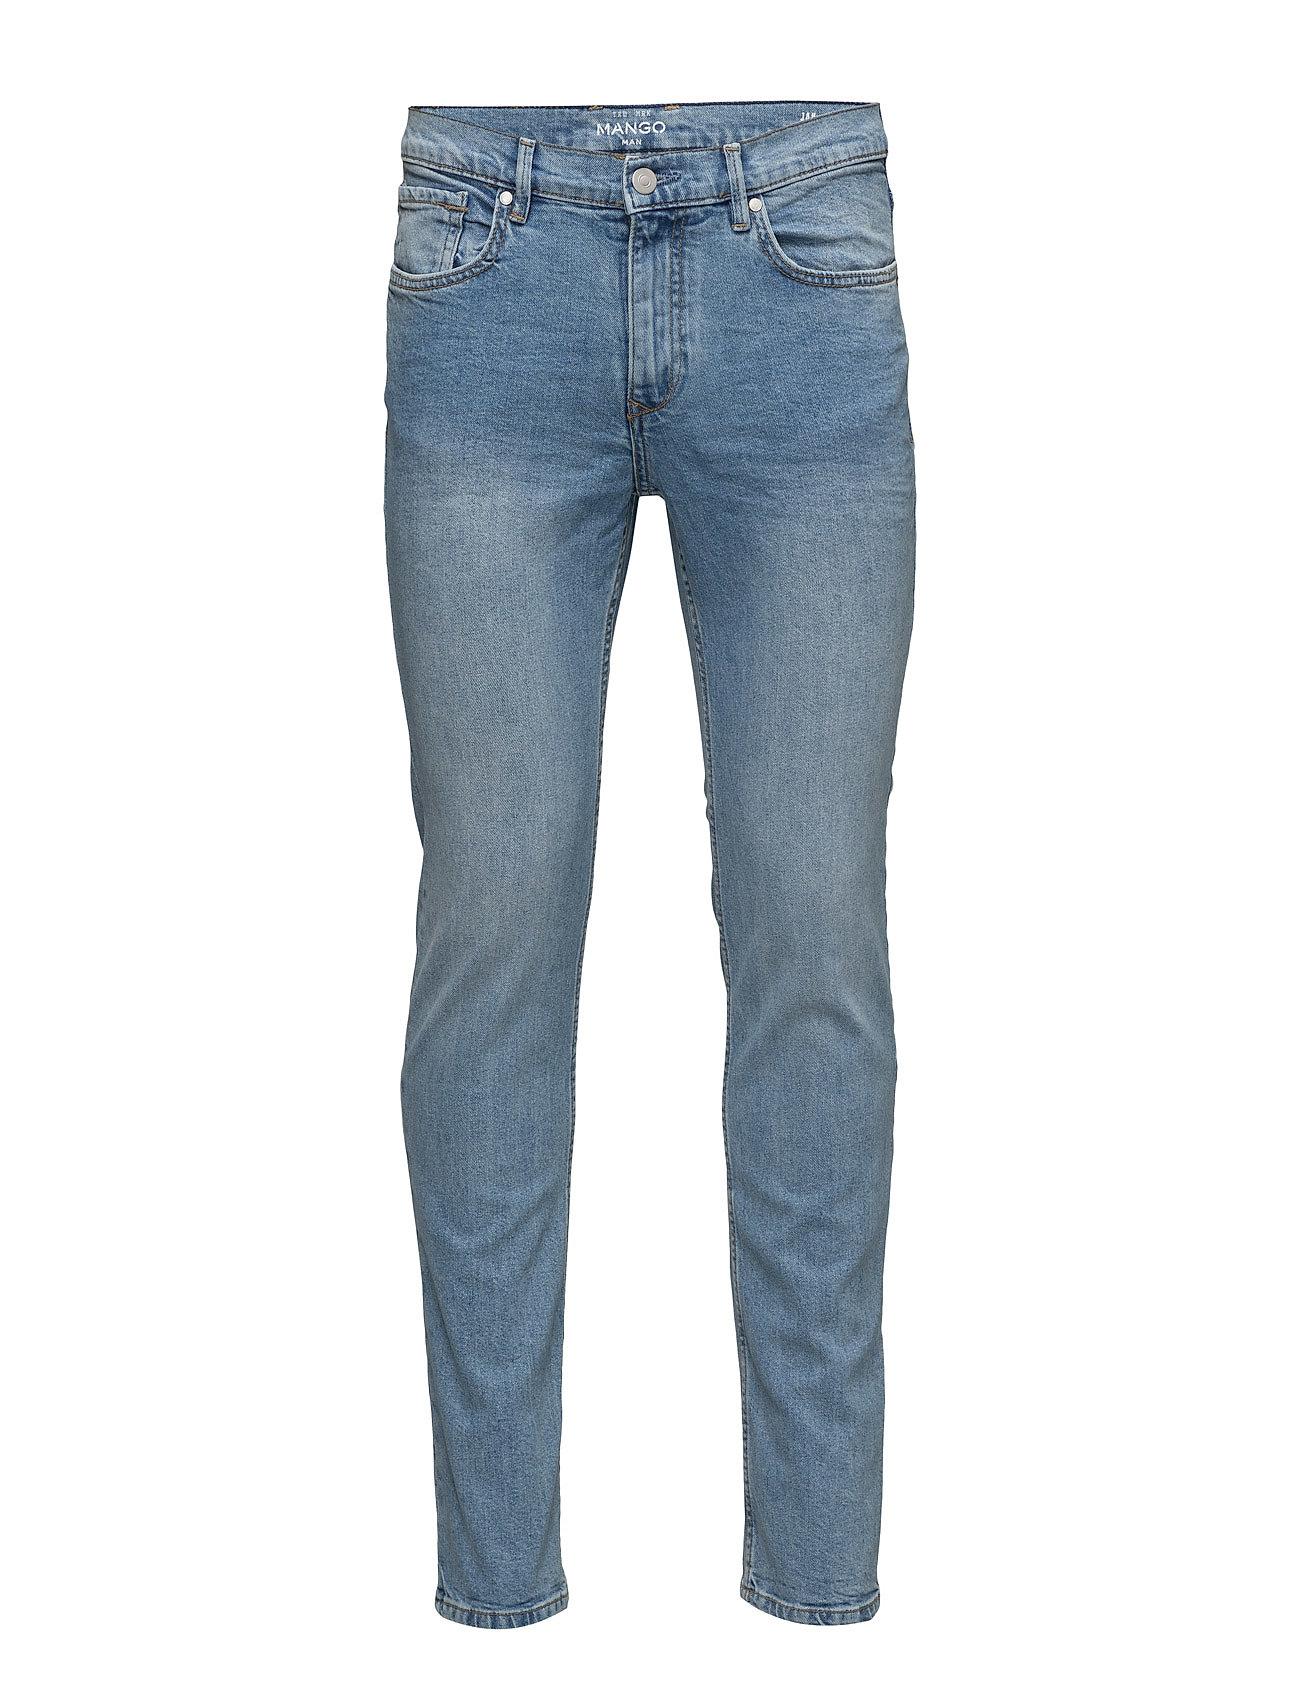 Slim-Fit Light Wash Jan Jeans Mango Man Jeans til Mænd i Open Blå